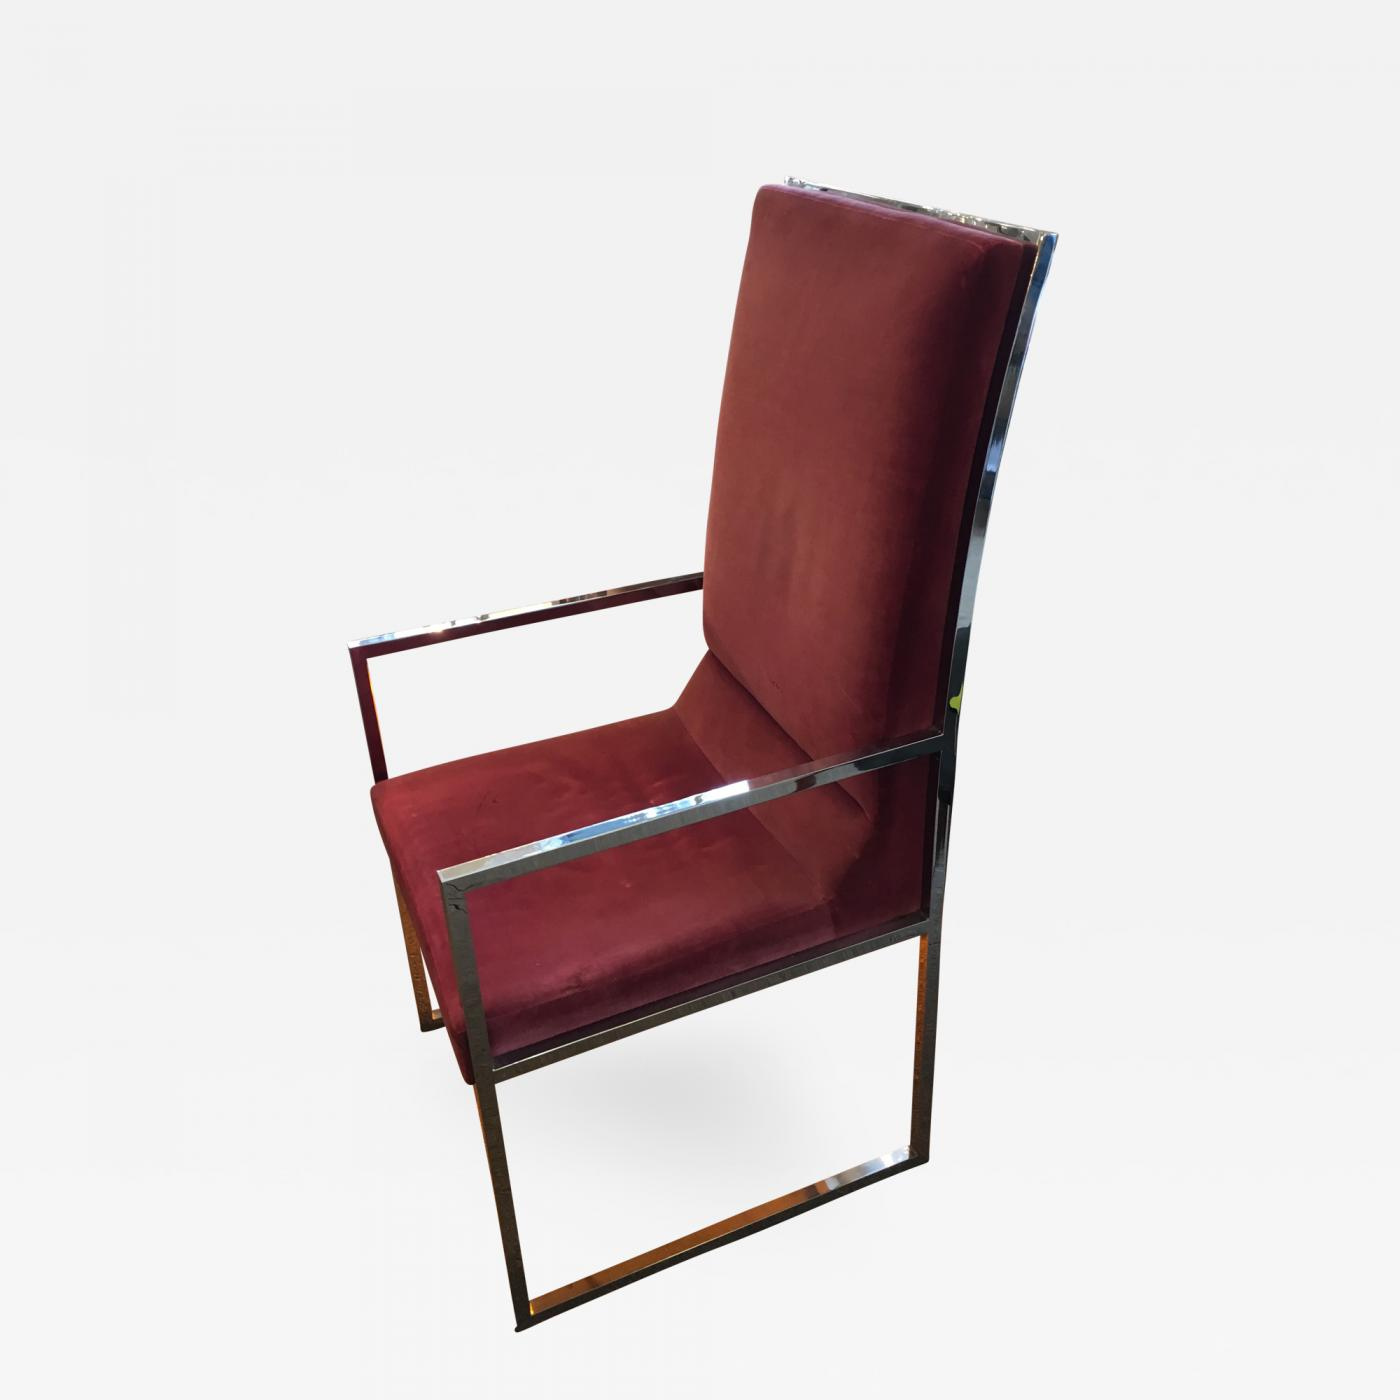 Milo Baughman Milo Baughman Dining Chairs Set of 6